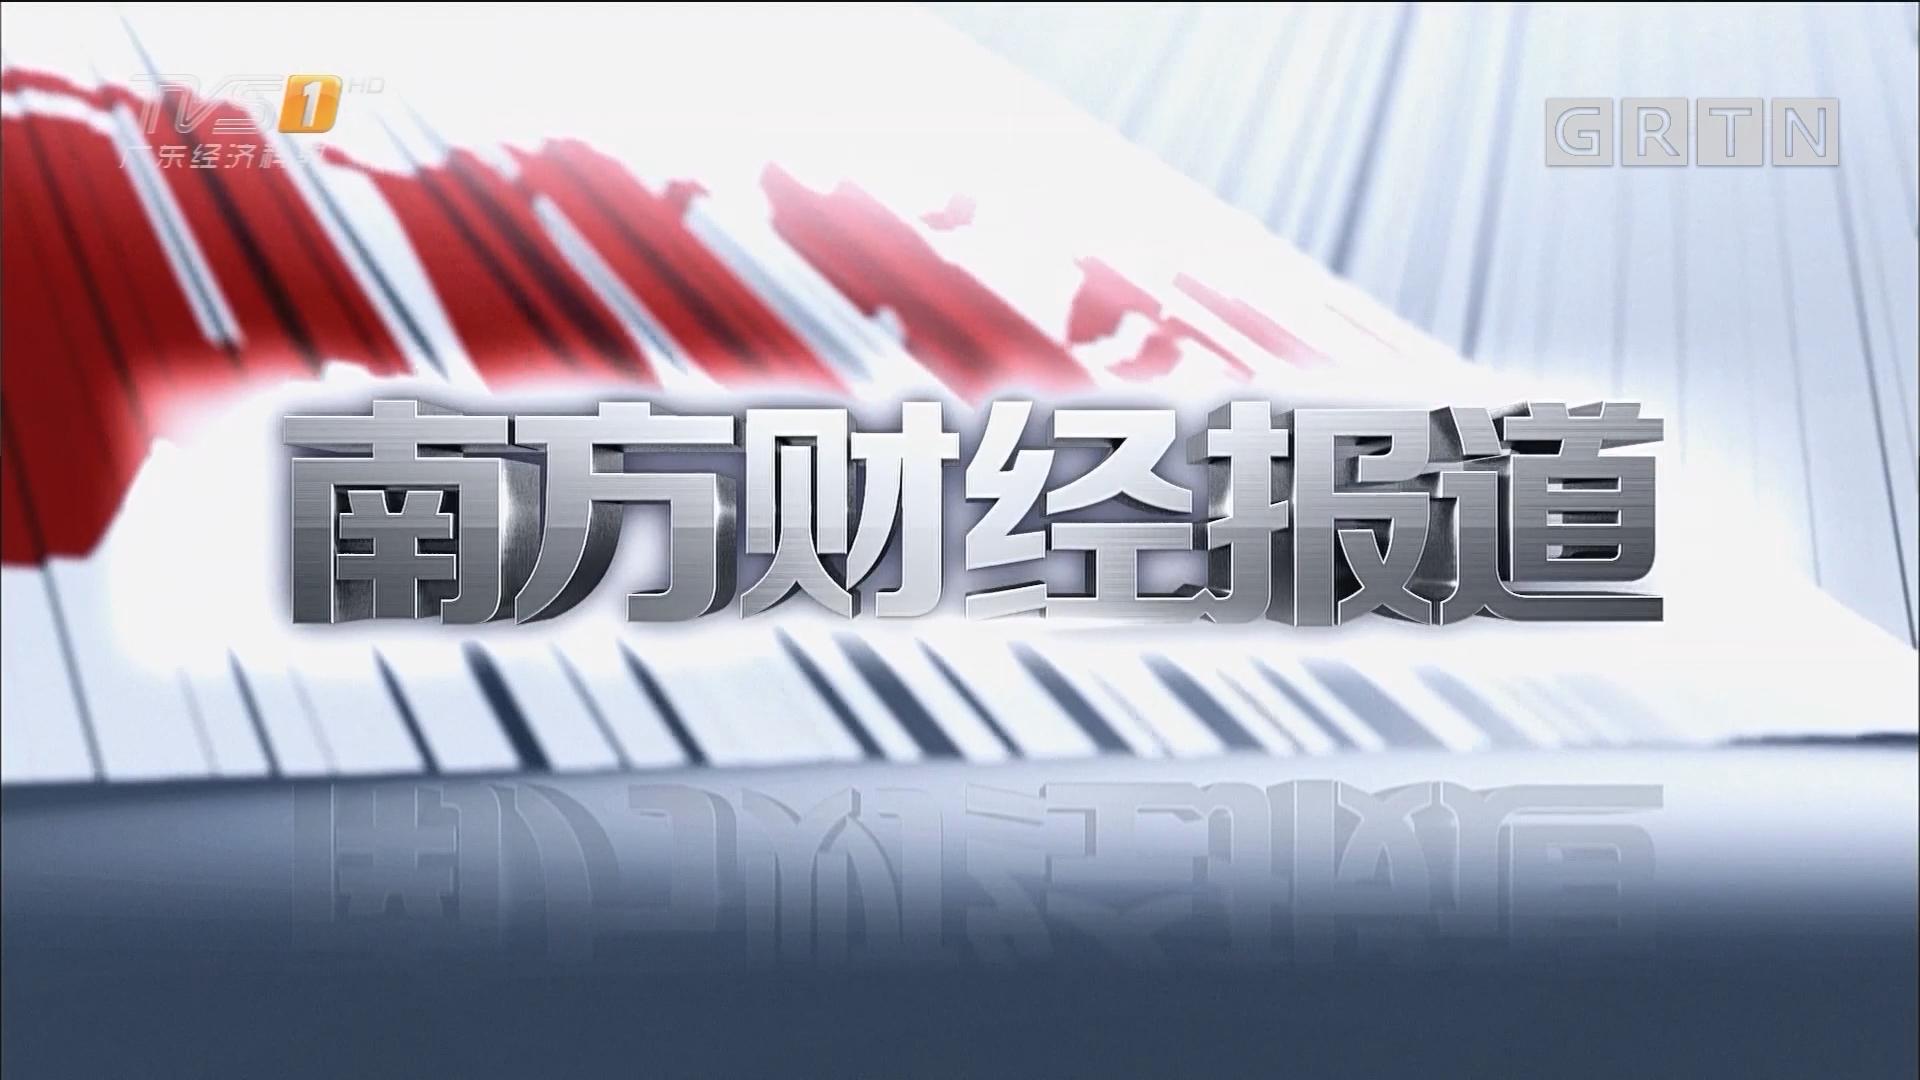 [HD][2018-05-13]南方财经报道:四部委:防止违规提取公积金用于炒房投机